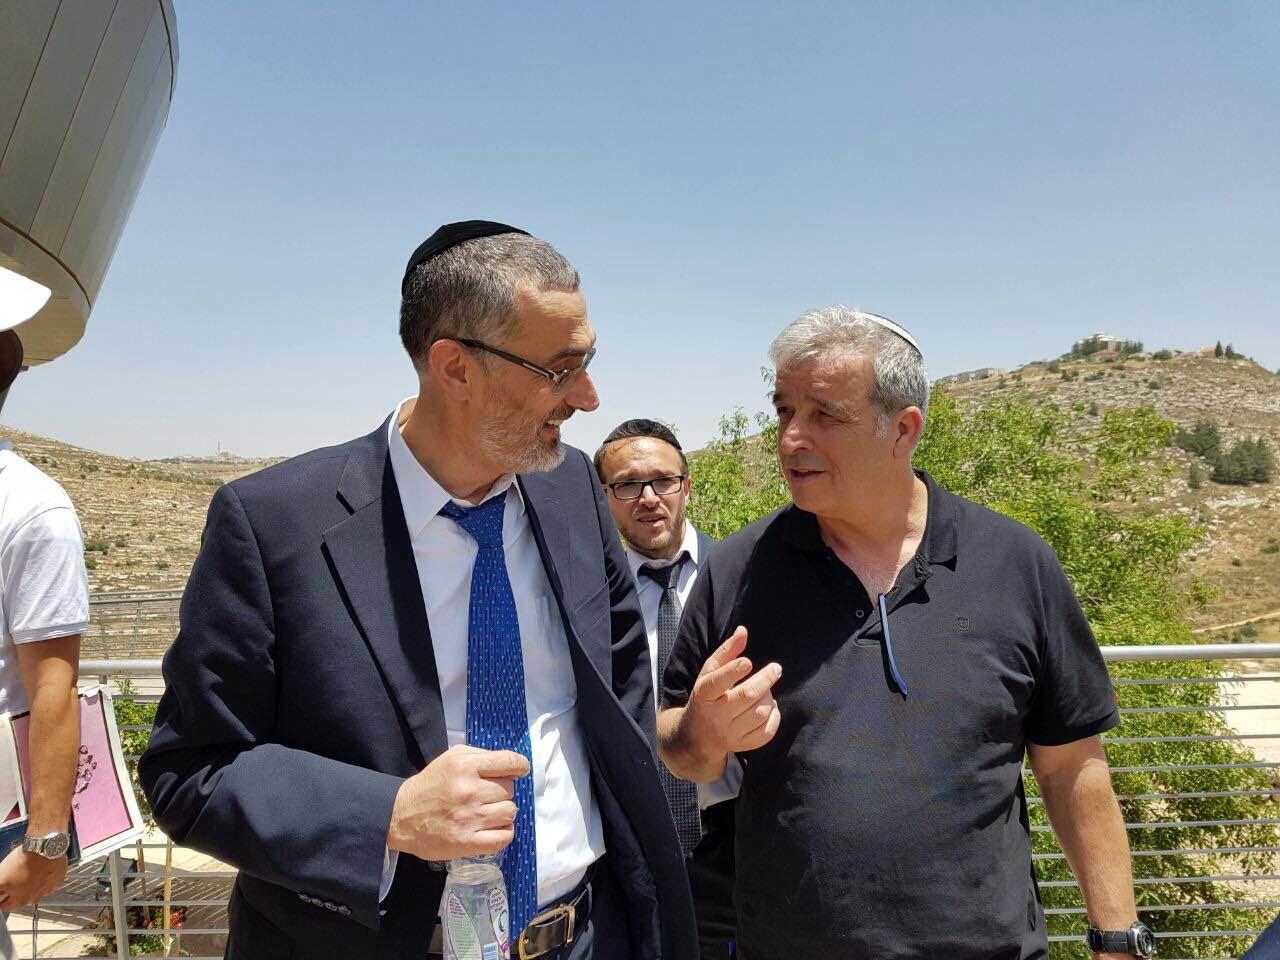 סגן ראש העיר ירושלים ביקר בשילה הקדומה